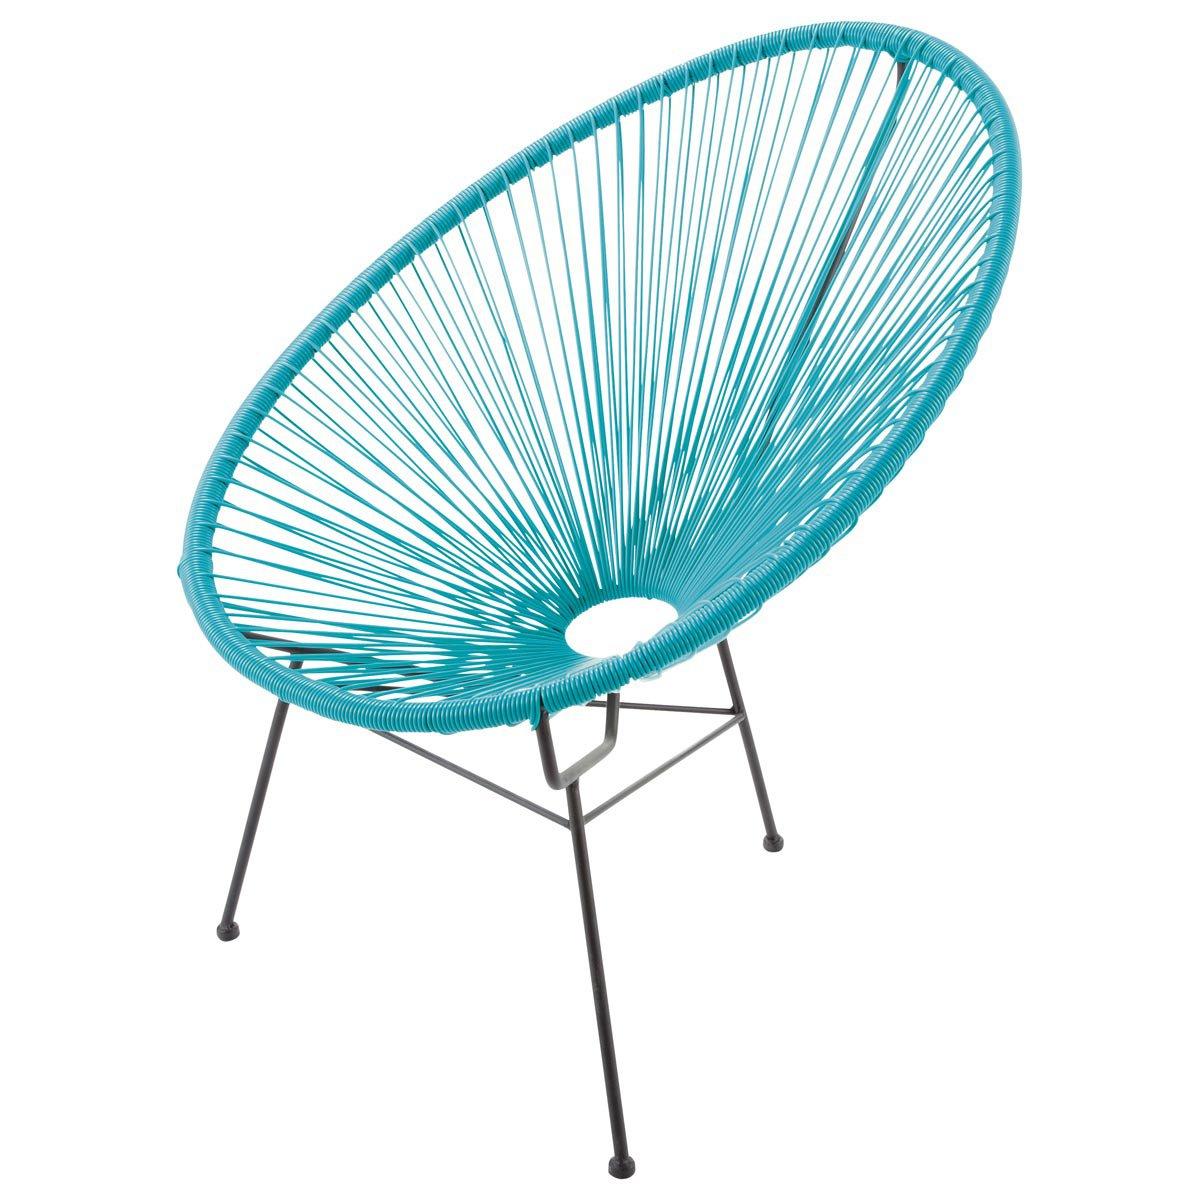 Fauteuil Oeuf Corde Ou Design Retro Cordage avec Fauteuil Oeuf Jardin